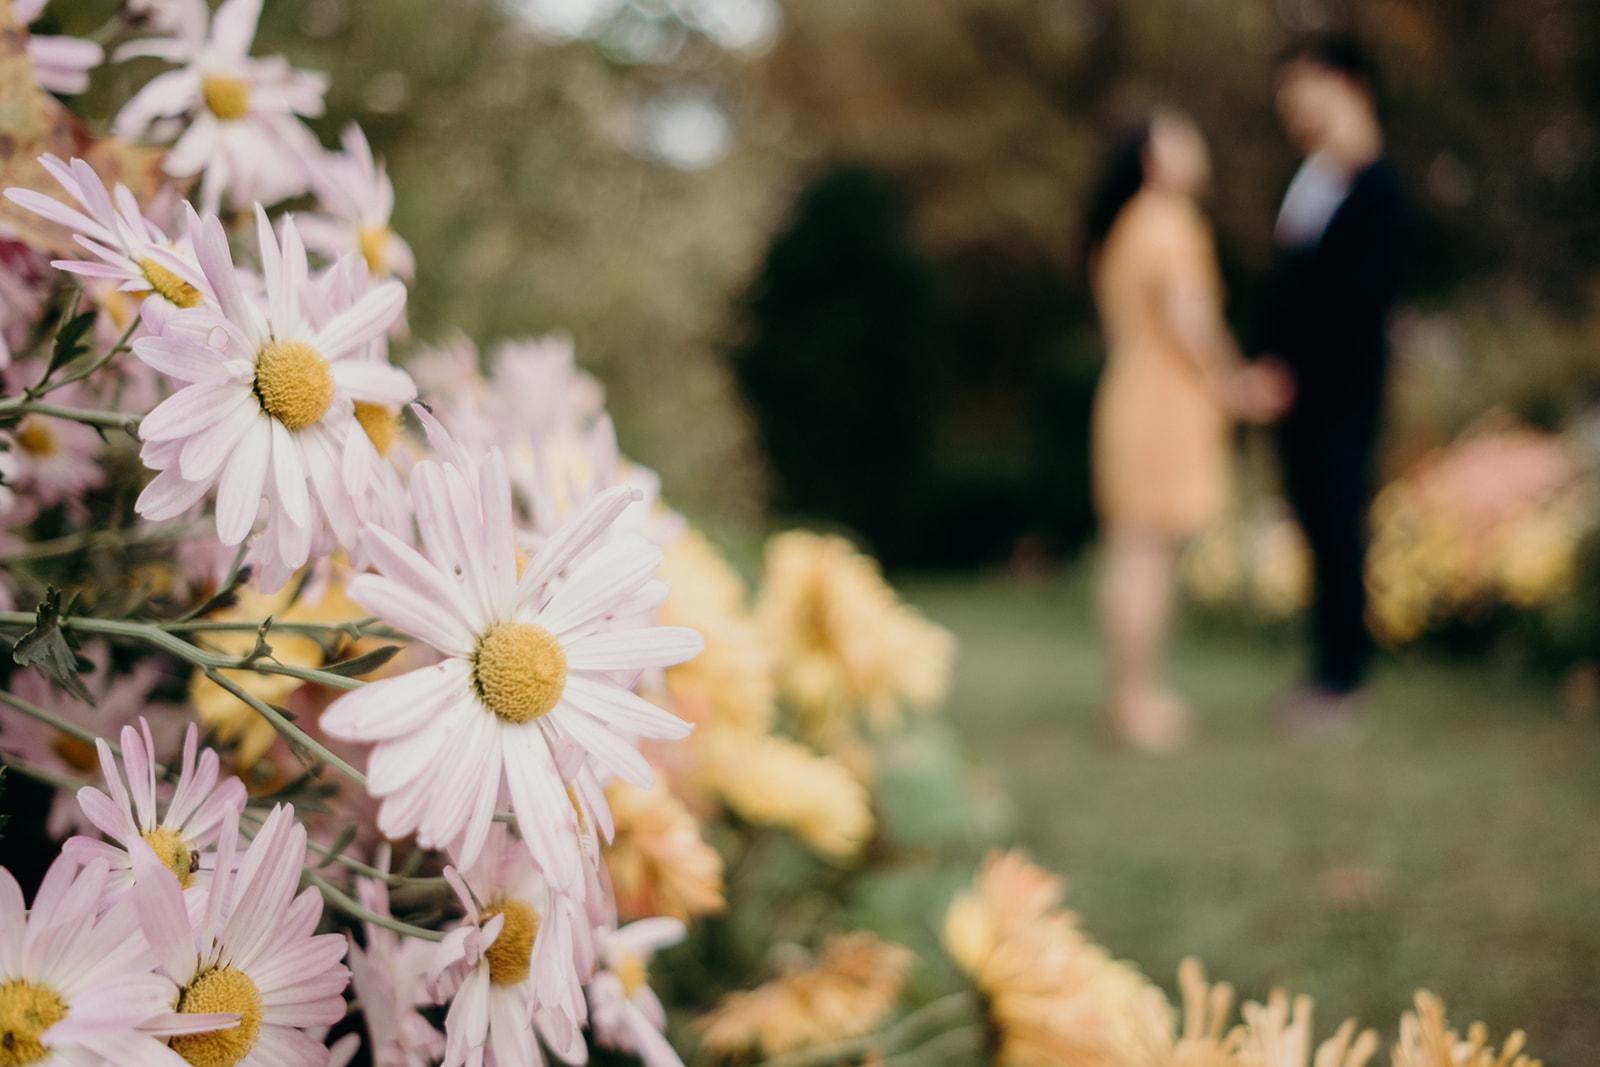 A daisy garden at Dumbarton Oaks.